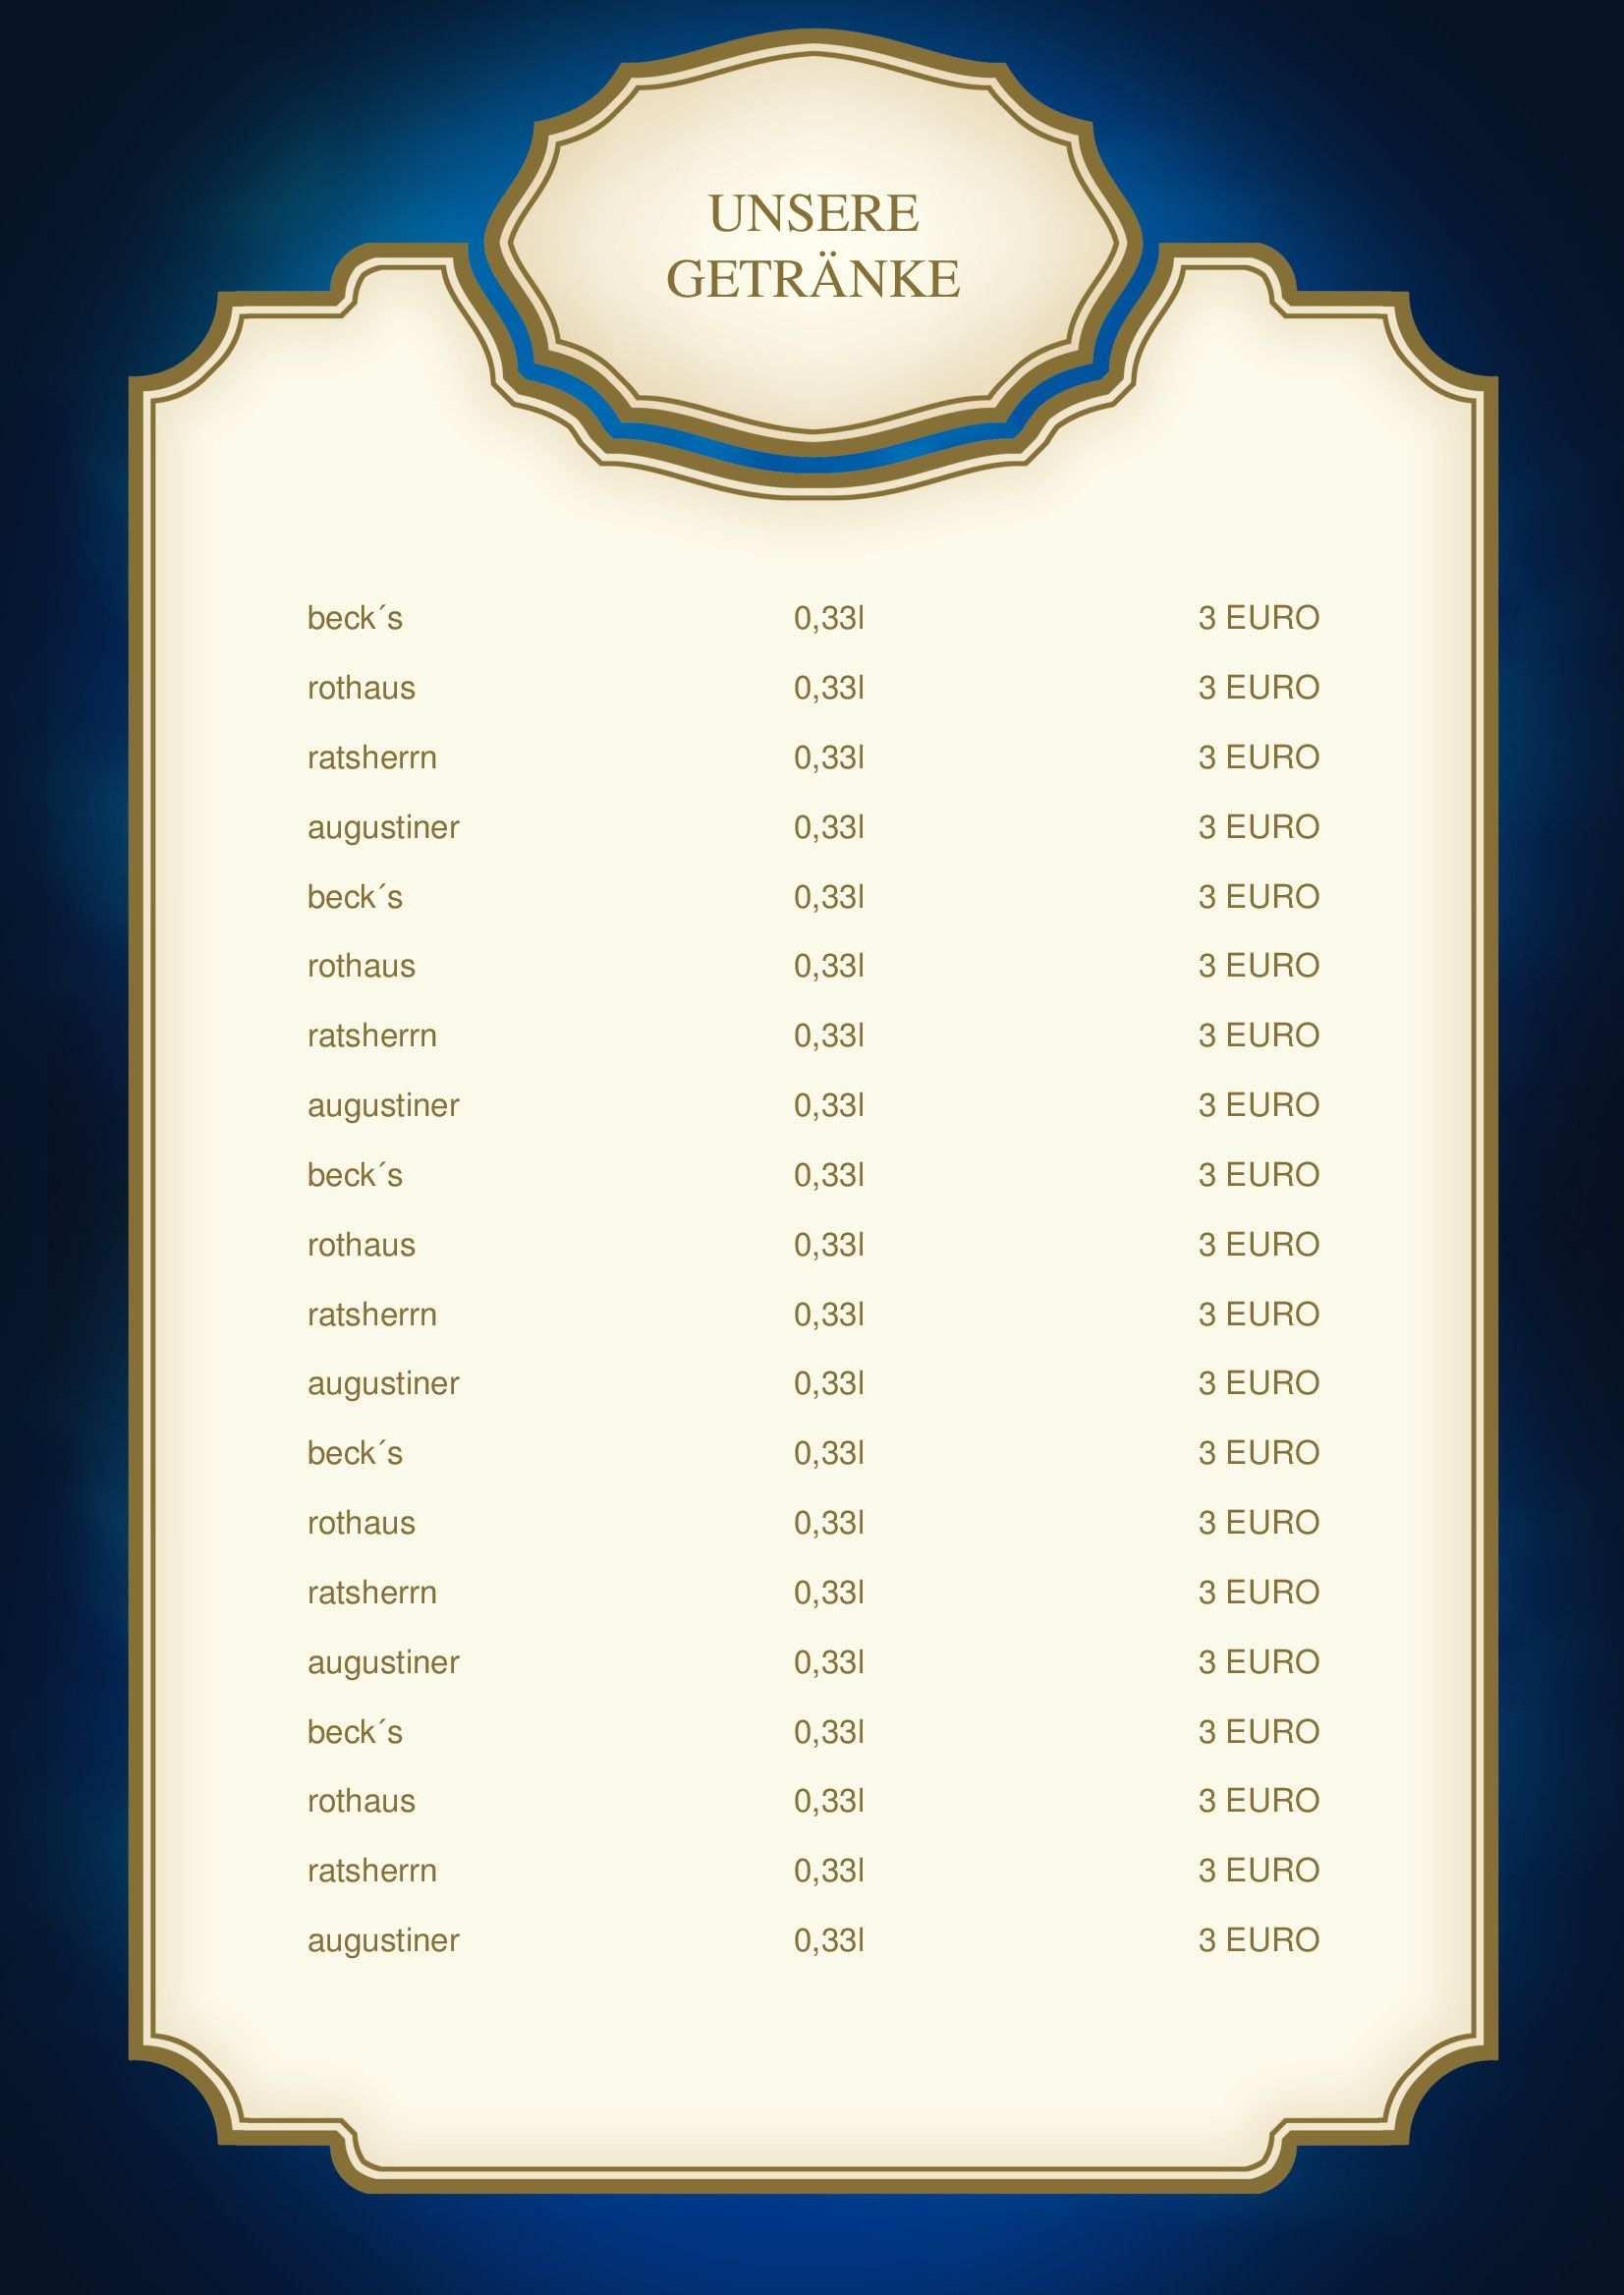 Das Ist Die Passende Vorlagen Fur Ihre Weinbar Ihr Gehobenes Restaurant Oder Ihre Hotelbar Alle Texte Lassen Sich Kinde Getranke Karte Weinkarte Speisekarte